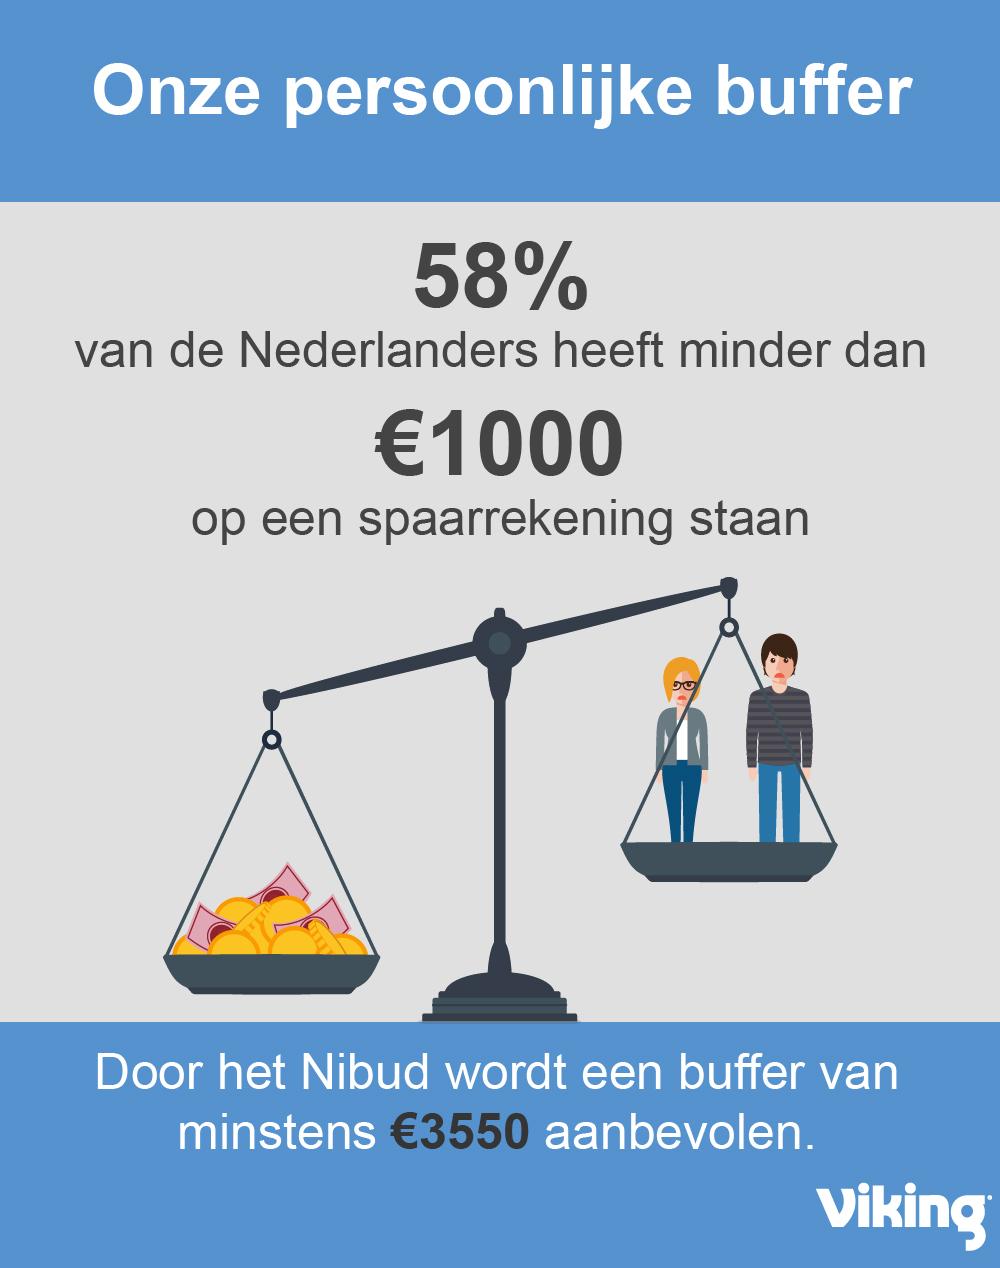 weegschaal die het tekort aan spaargeld van Nederlanders laat zien